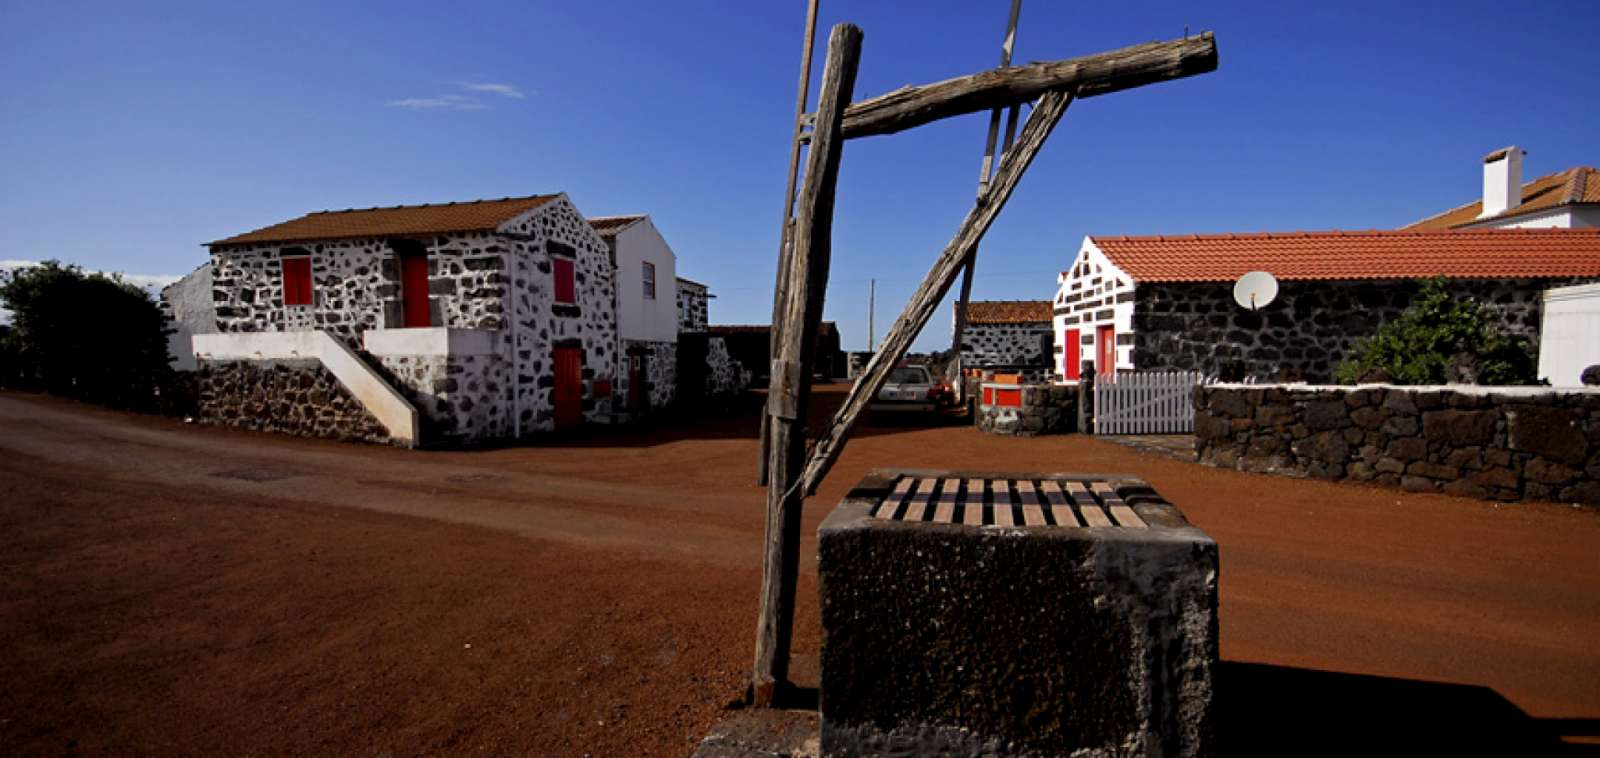 Randonnée Lava sur l'île de Pico par le vignoble des Açores inscrit au Patrimoine mondial de l'Humanité par l'UNESCO